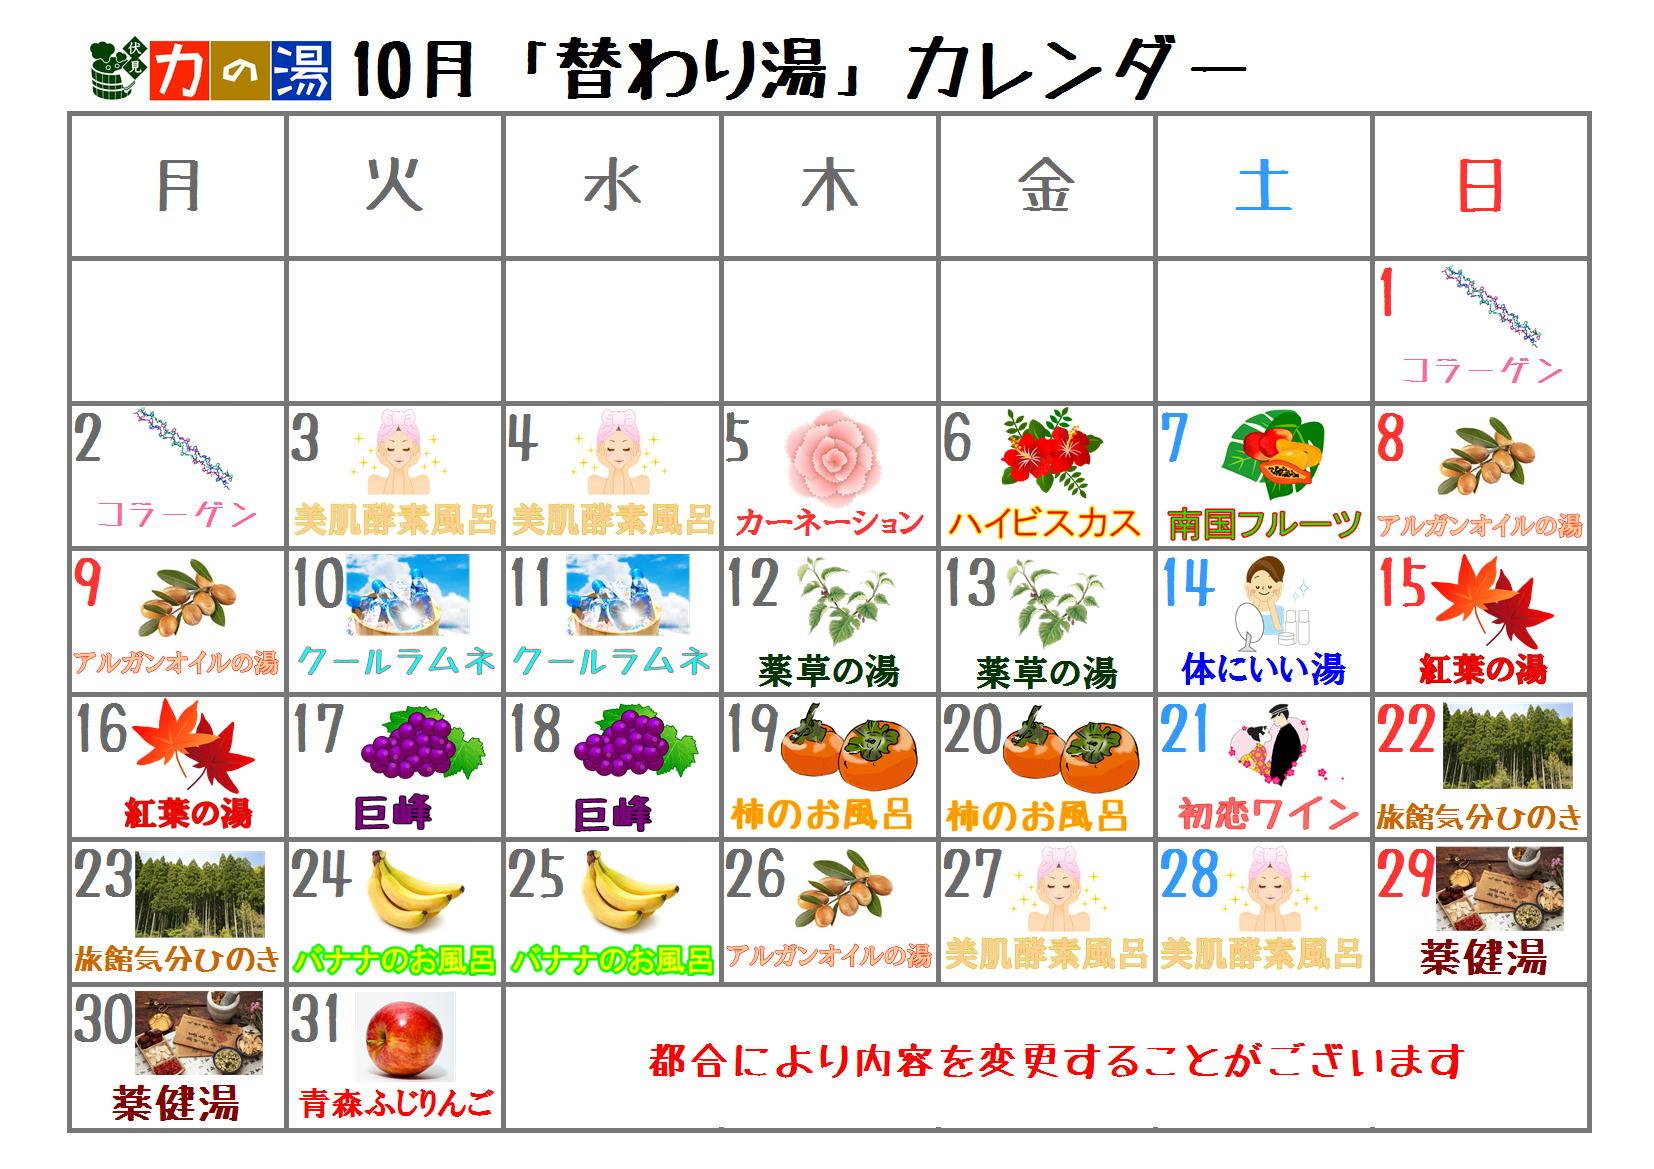 10月日替わり湯カレンダー